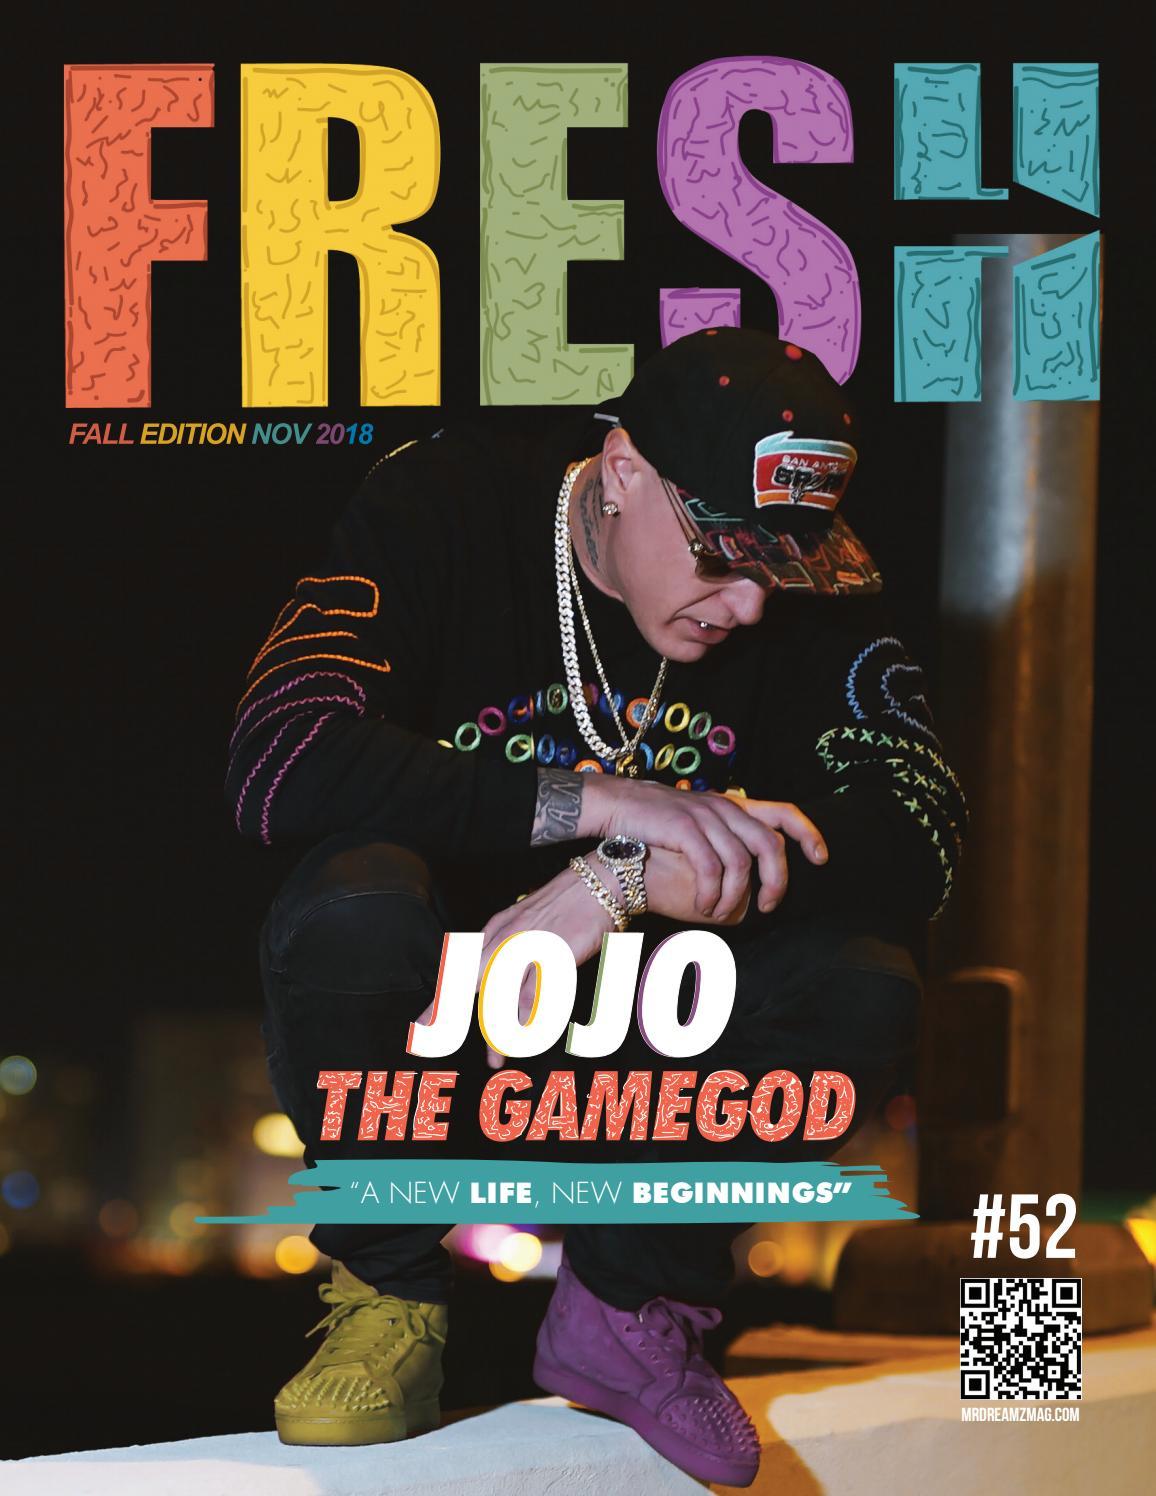 Jojo The Gamegod Fresh edition Mr Dreamz magazine by Mr